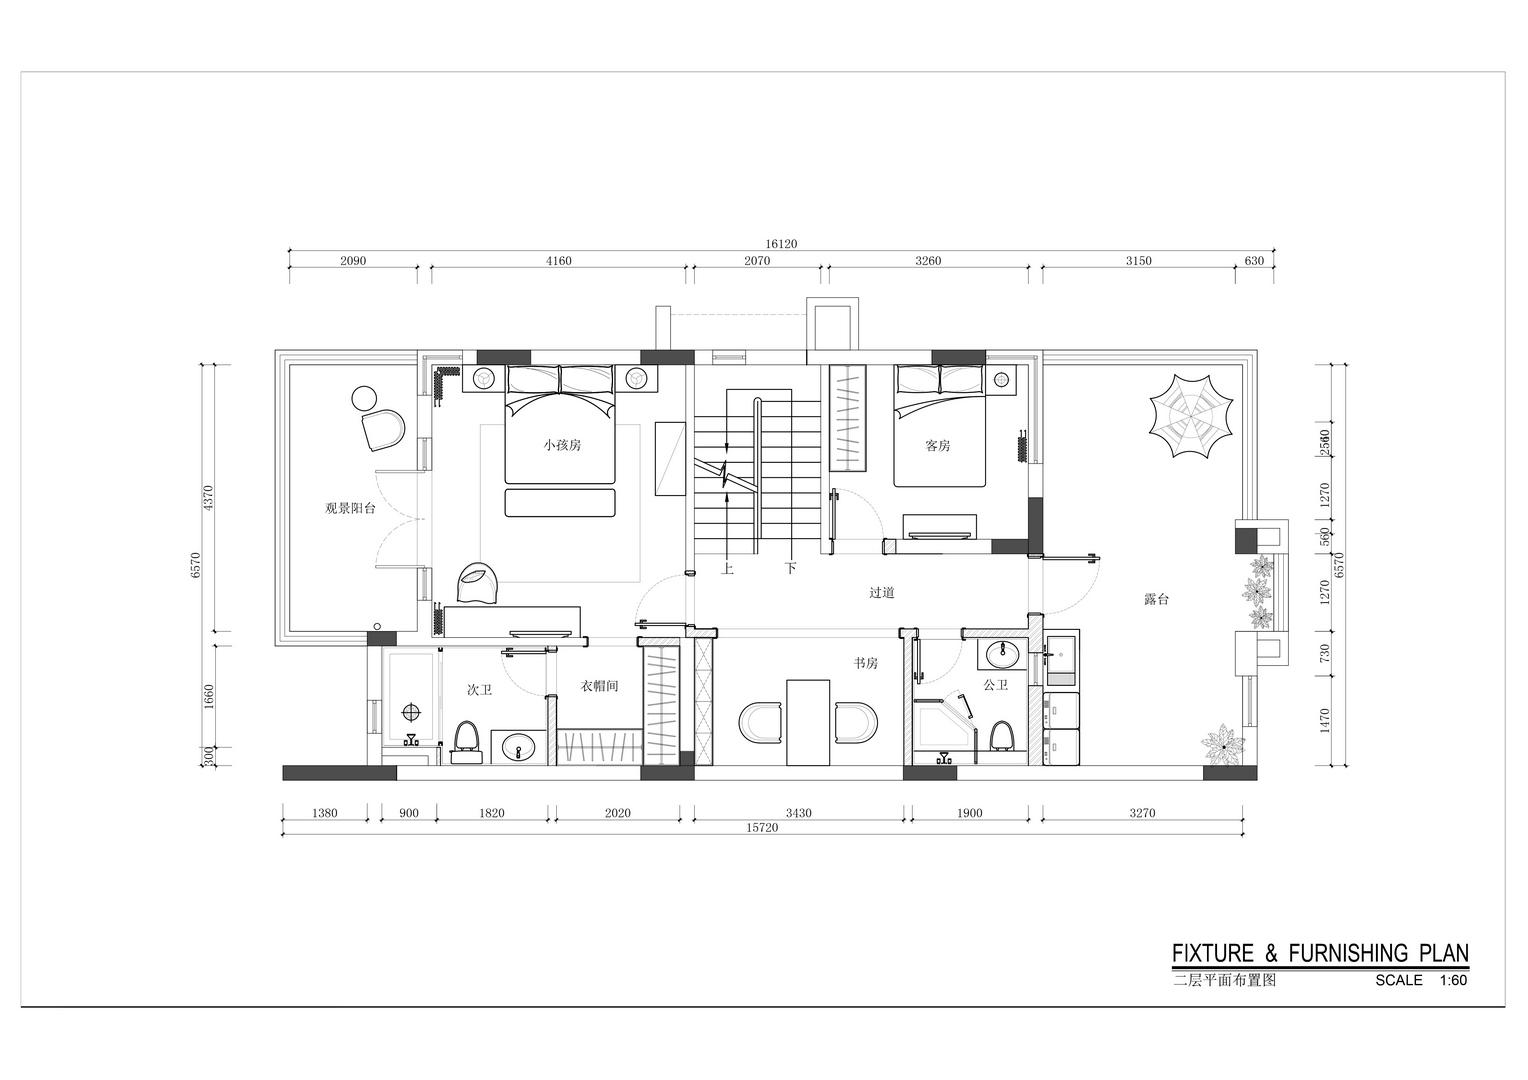 保利林语花园-欧式田园风格案例-360平米别墅装修效果图装修设计理念